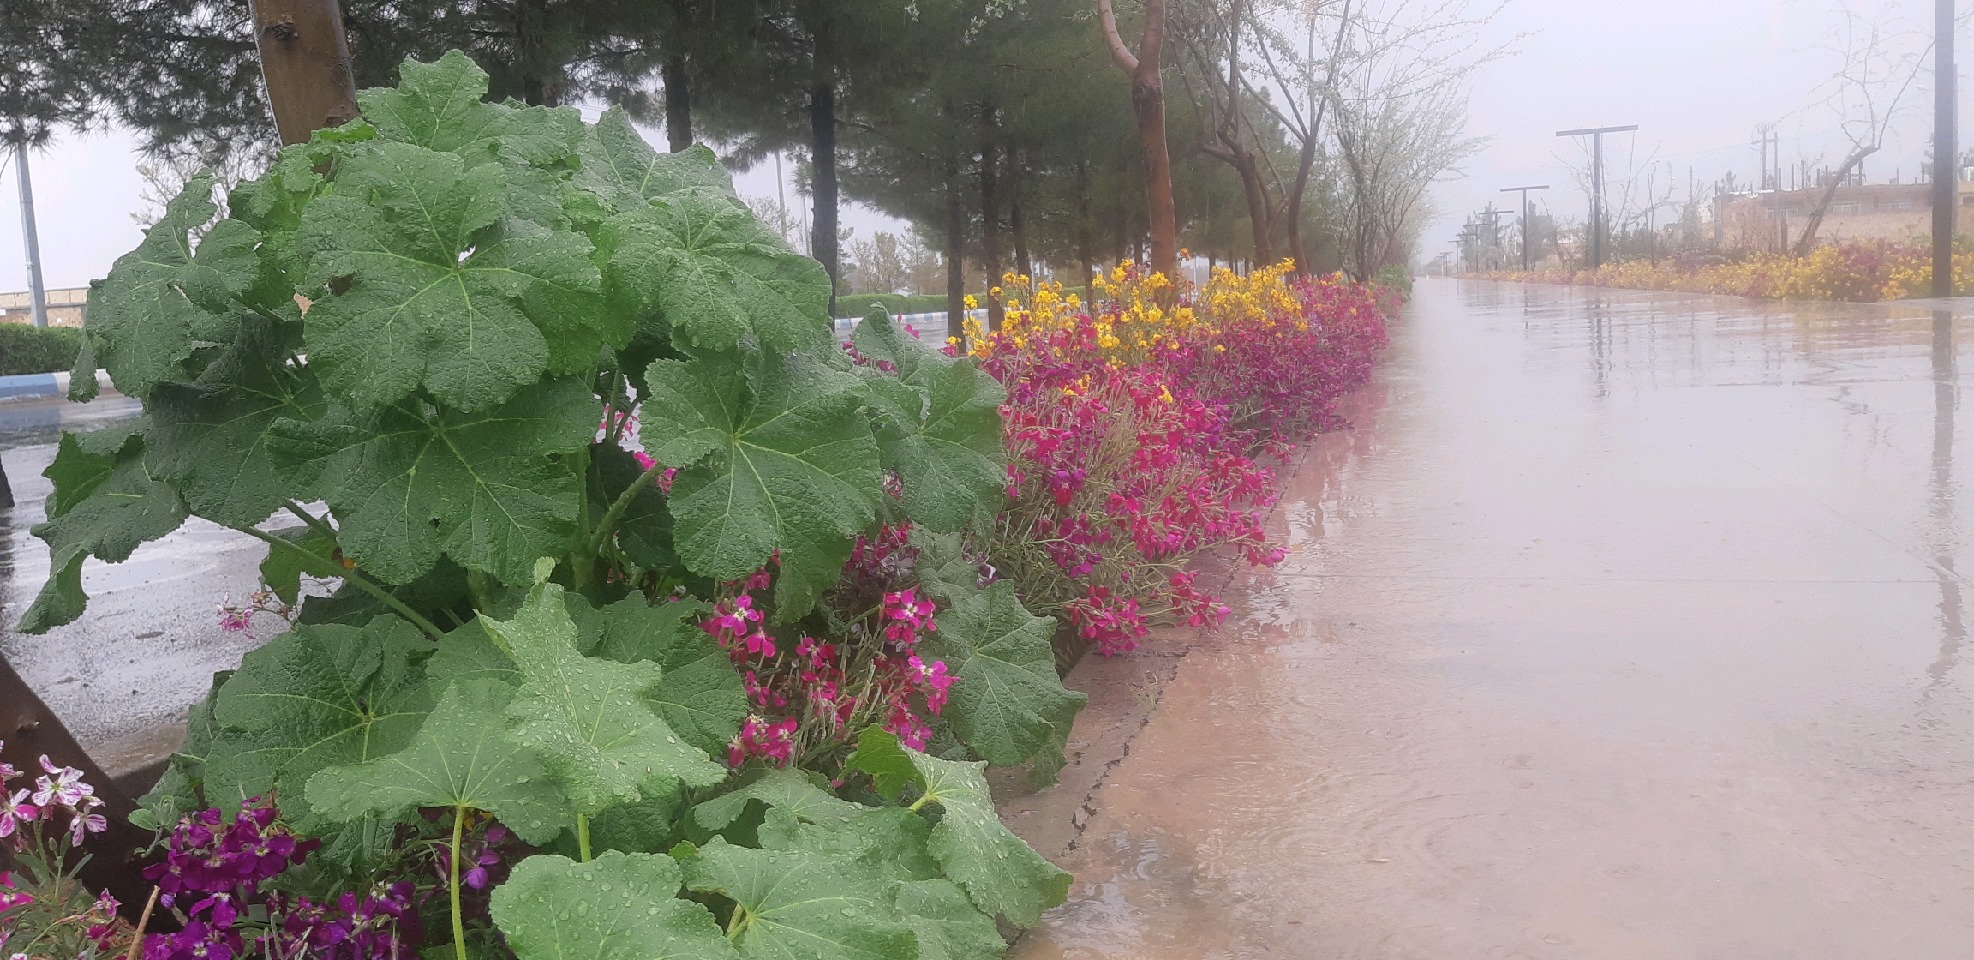 ثبت بیشترین بارش بهاری در کلشانه طبس